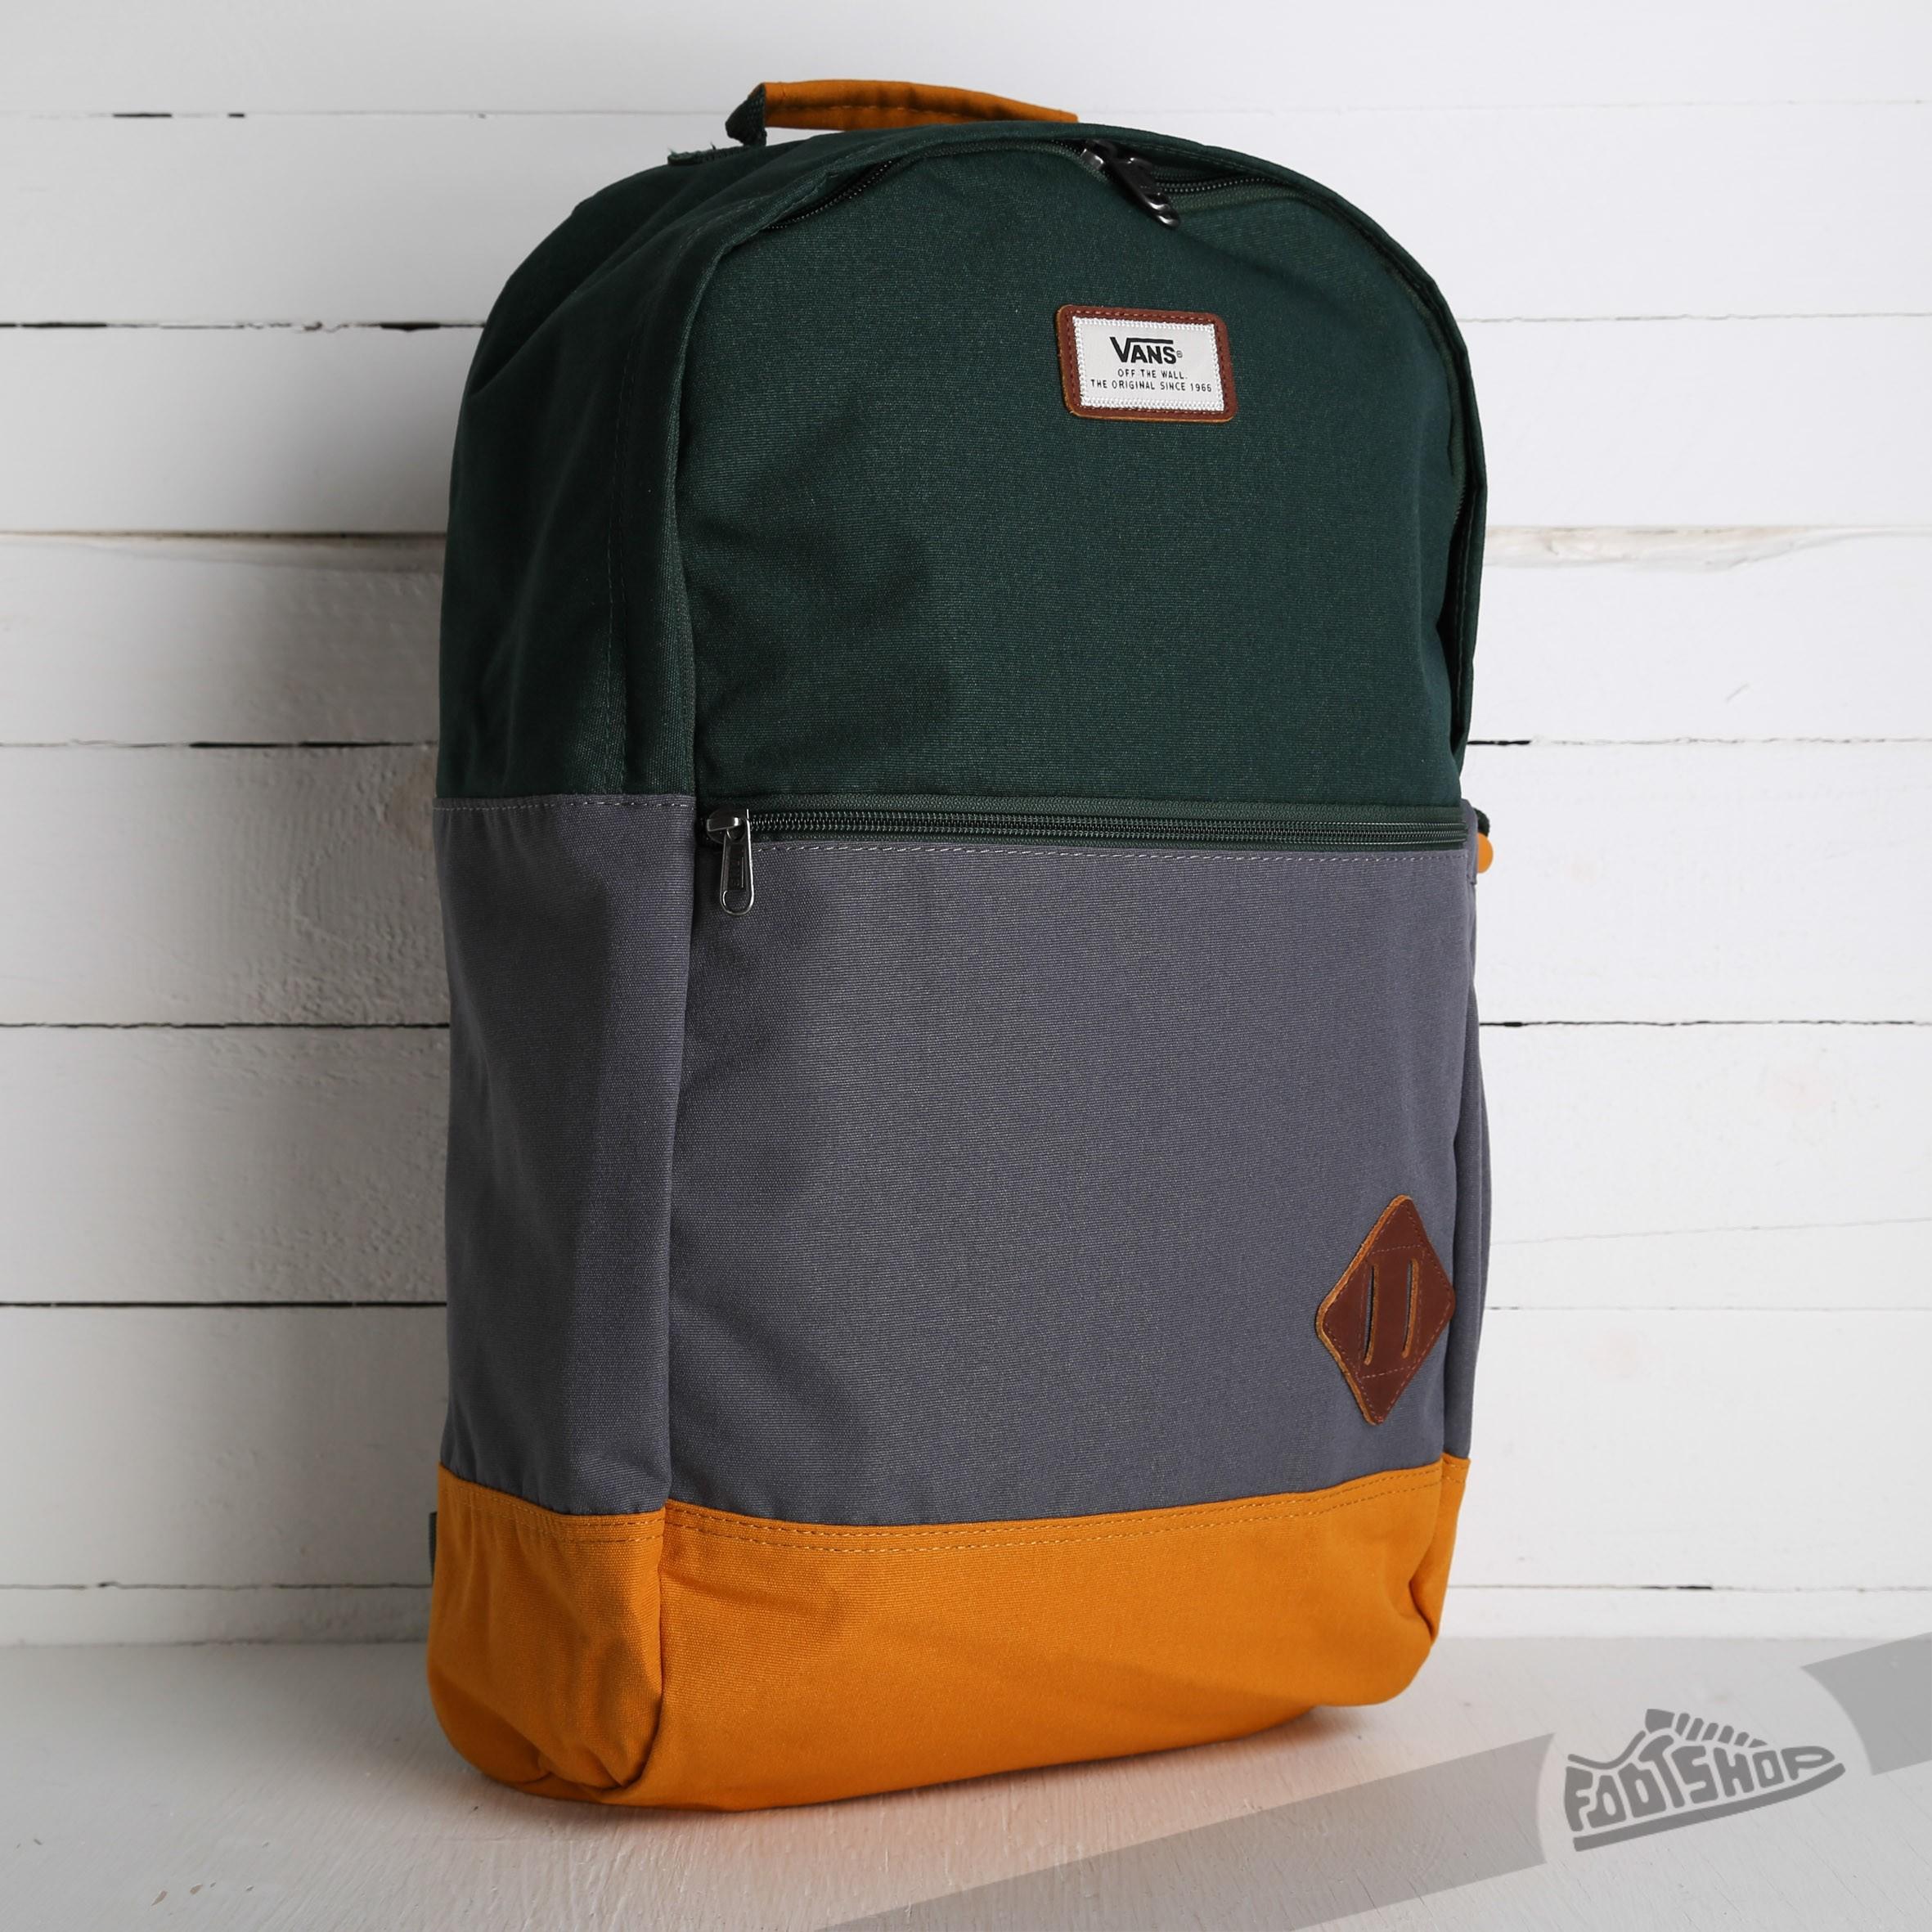 ed3102a112 Vans Van Doren II Backpack Sycamore